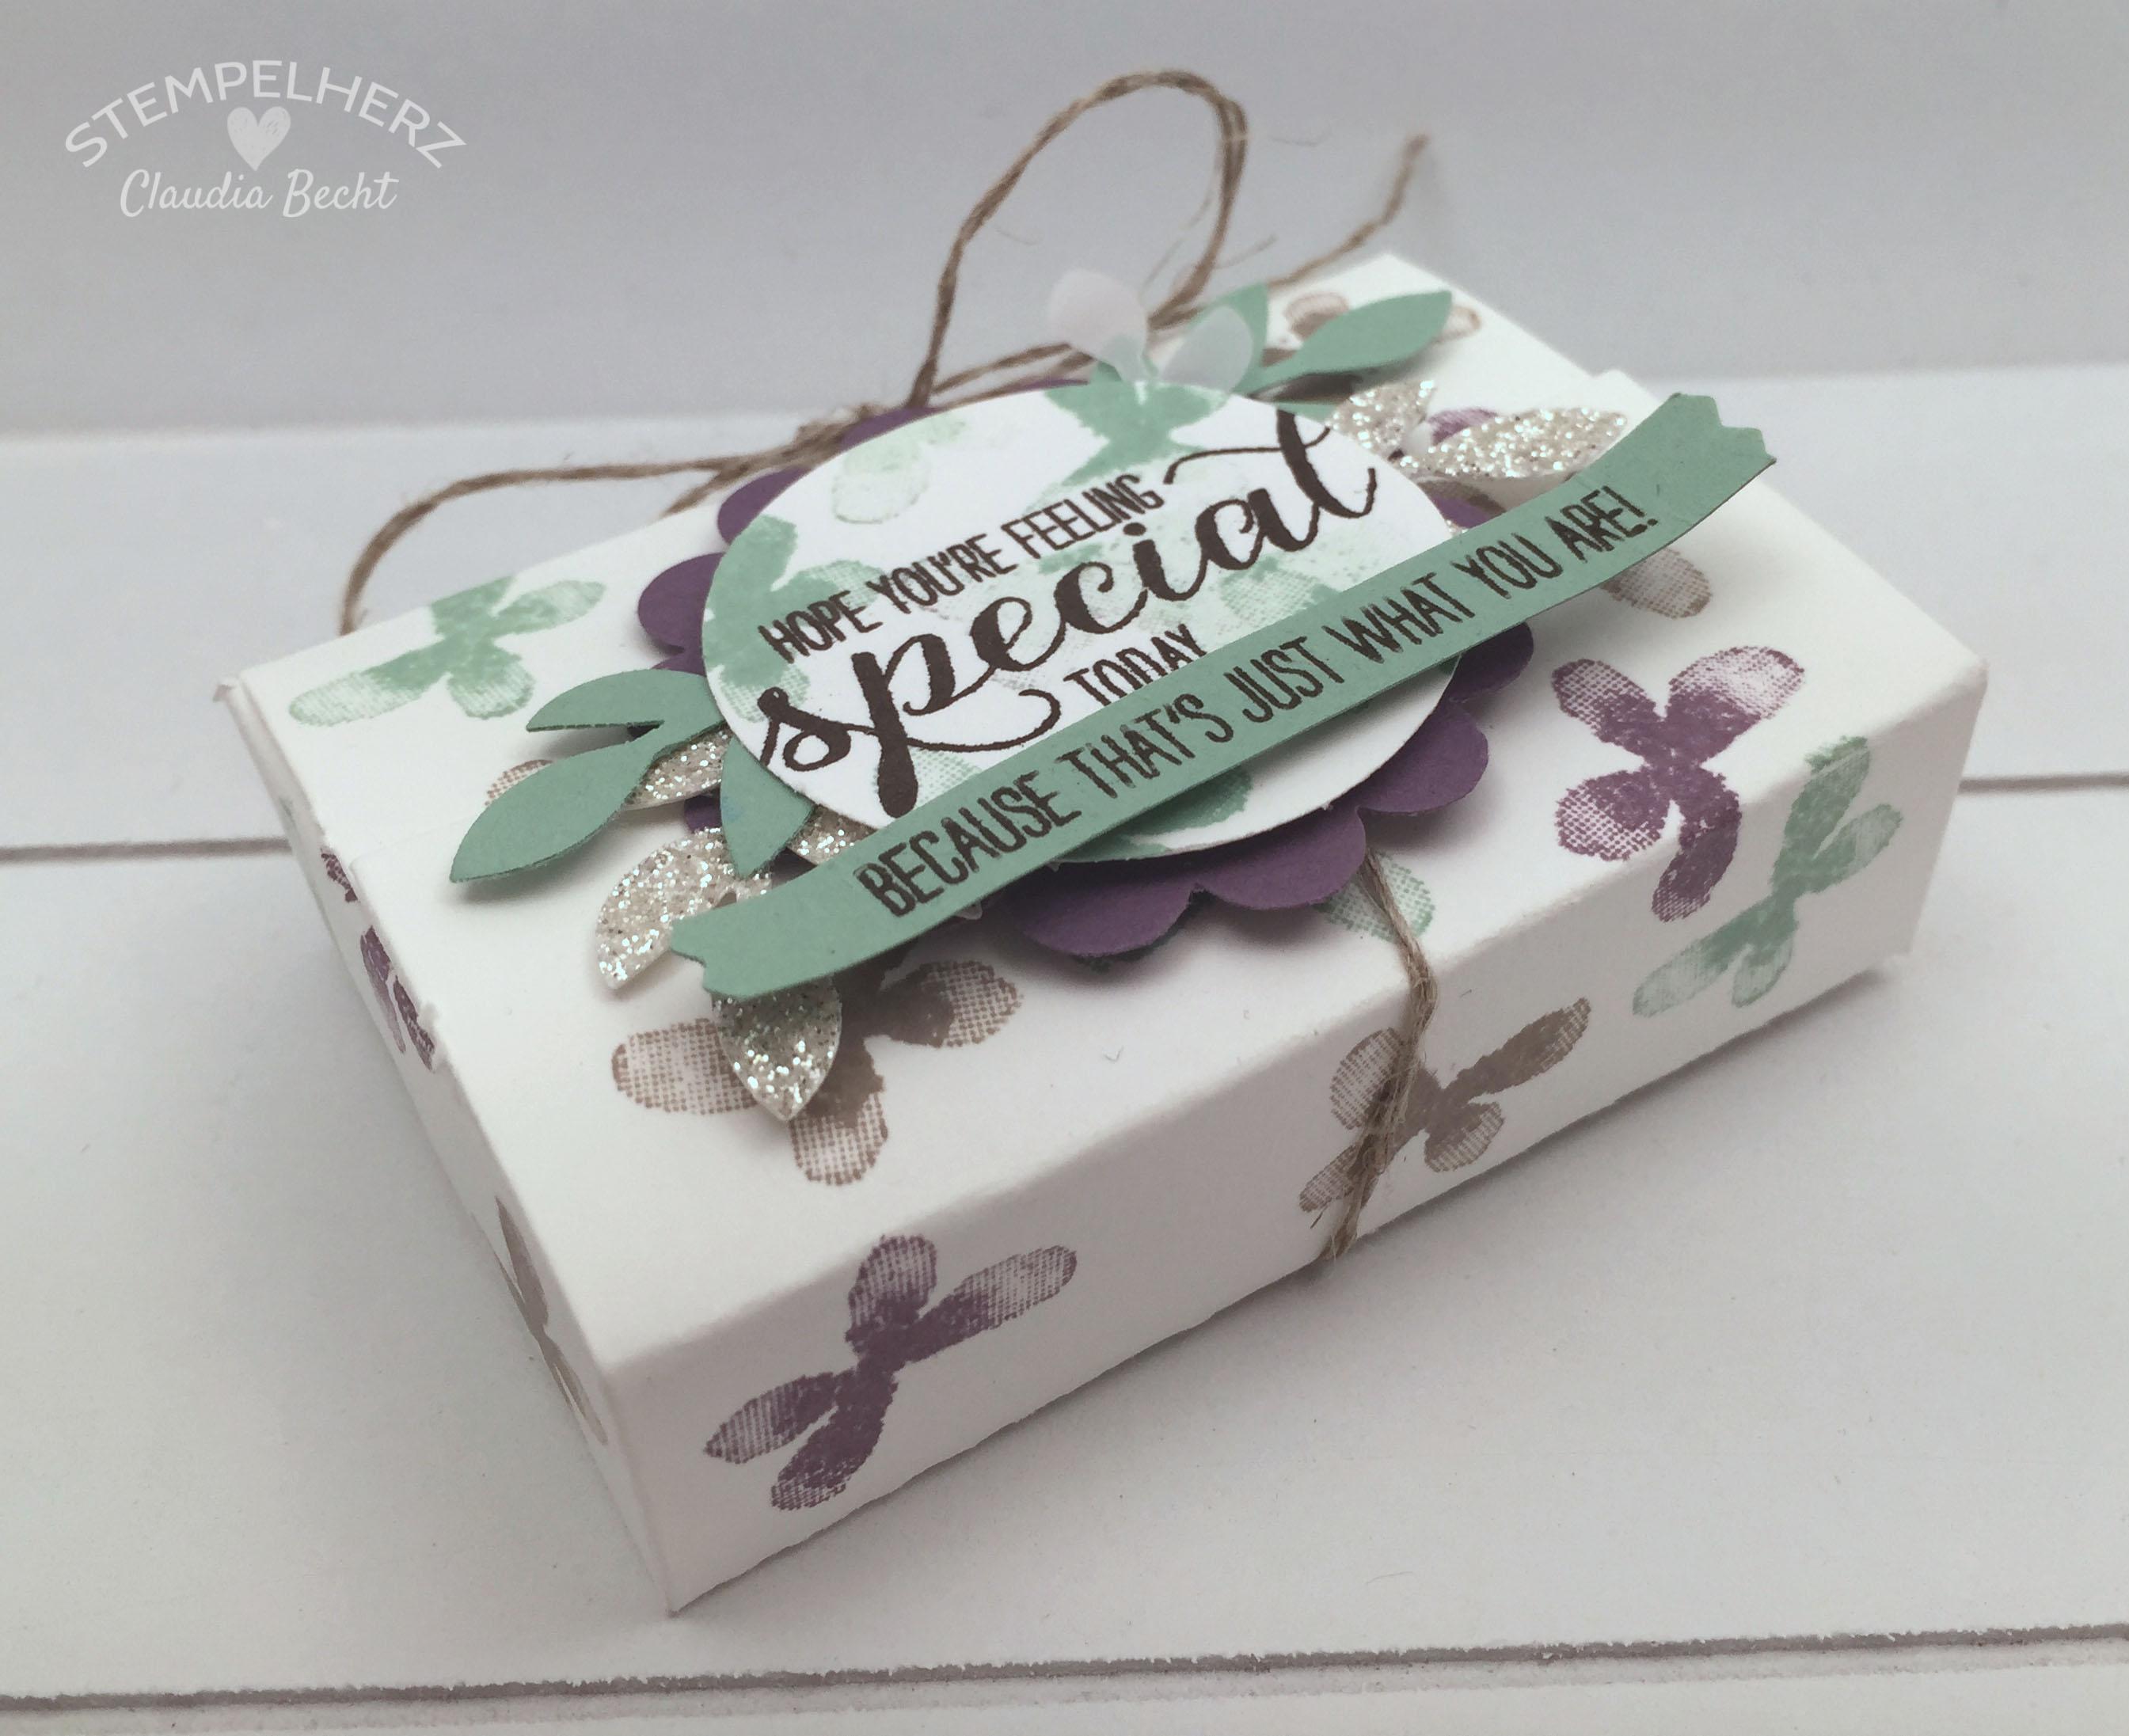 Stampin Up-Stempelherz-Verpackung-Box-Geschenk-Garden in Bloom-Geschenkverpackung Garden in Bloom 02b